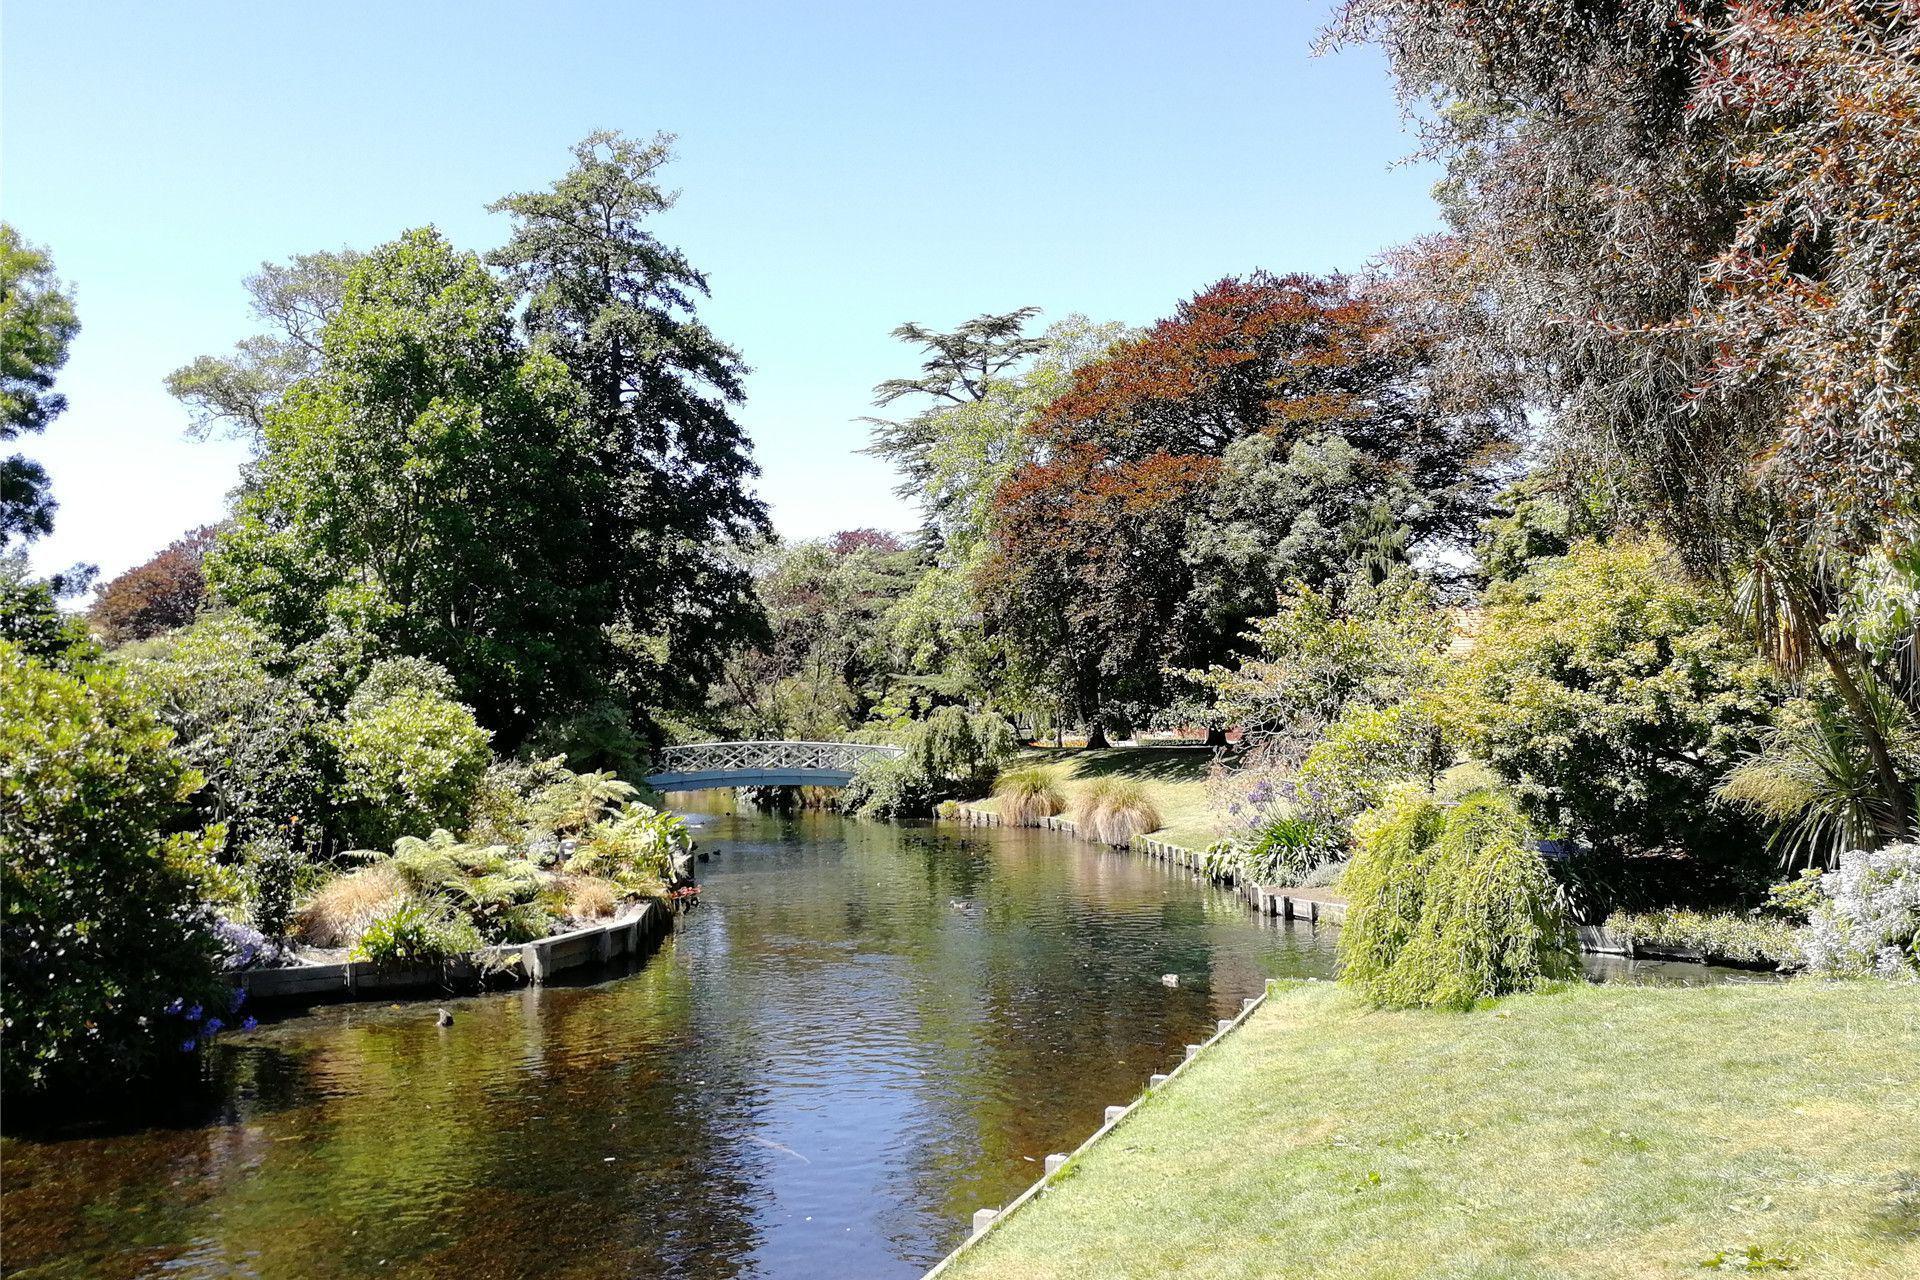 游览 新西兰 基督城 雅芳河